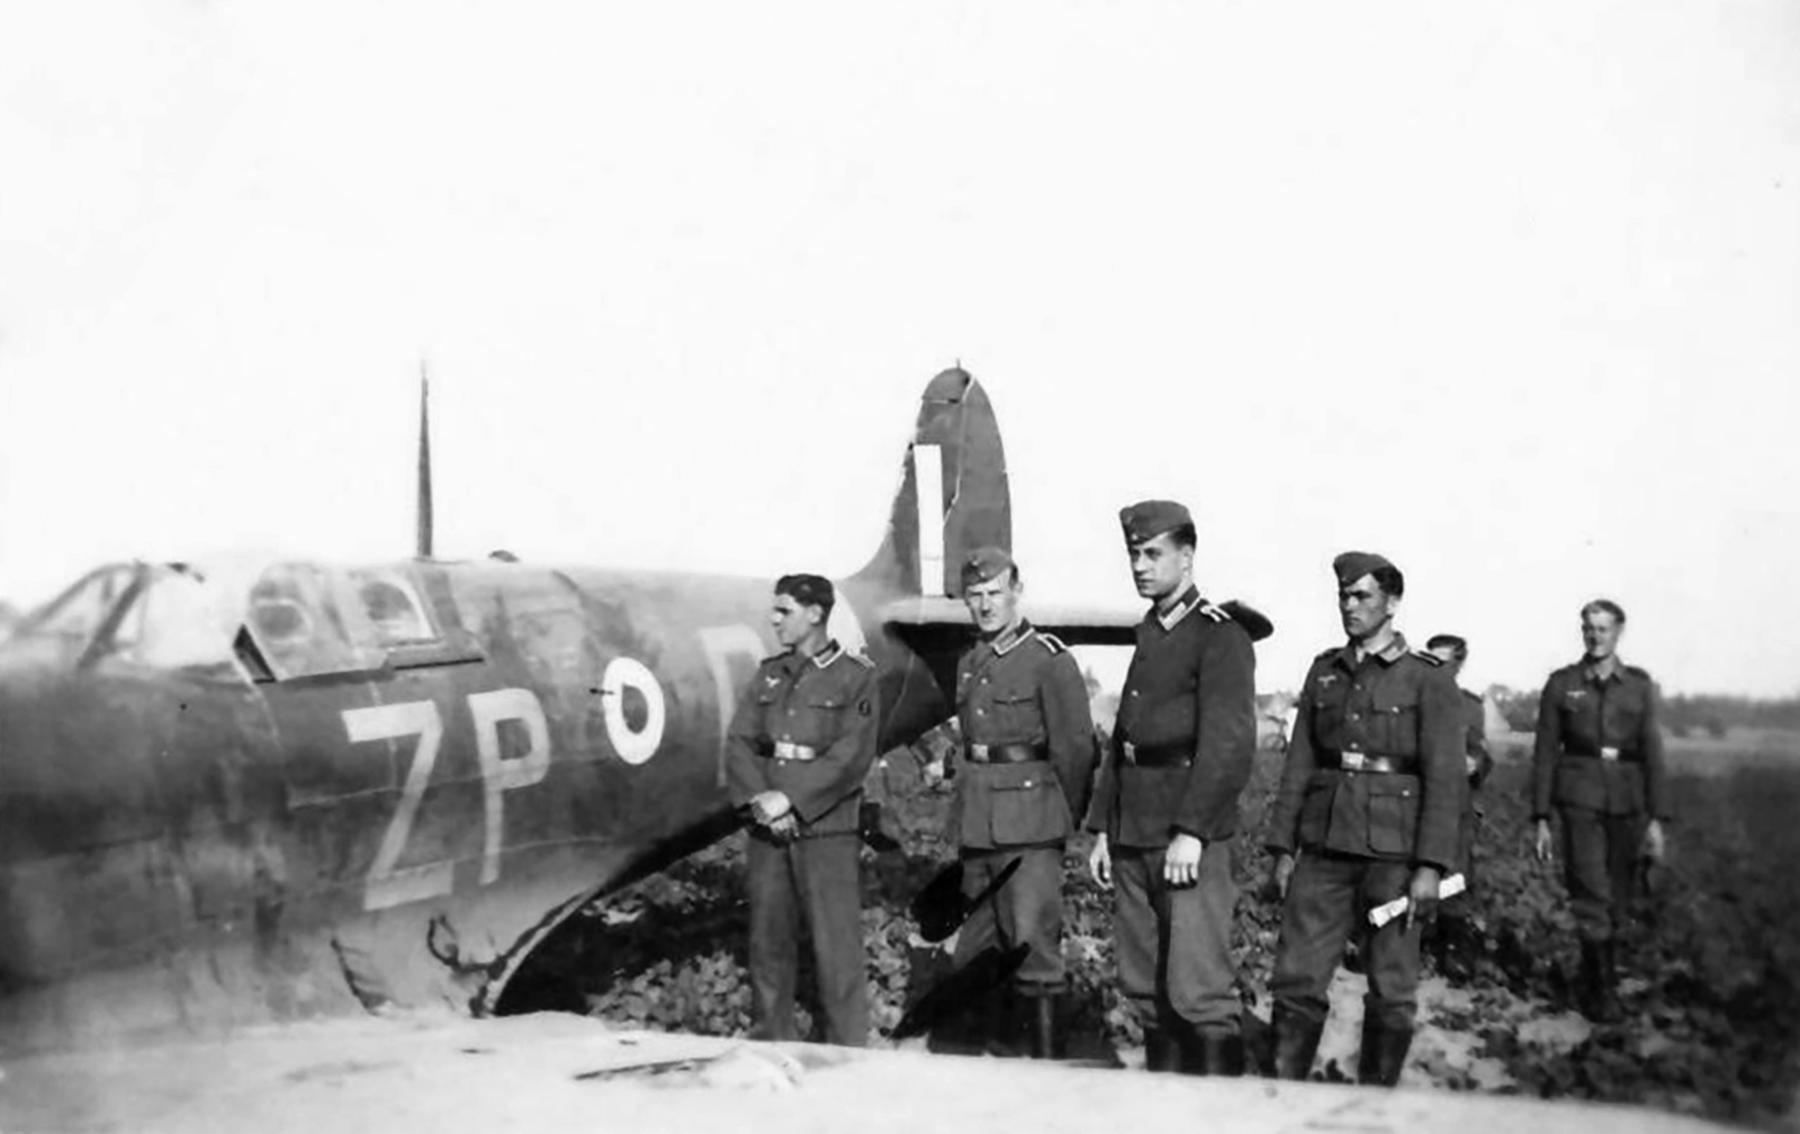 Spitfire MkVb RAF 74Sqn ZPD belly landed Dunkirk France 1941 ebay 02